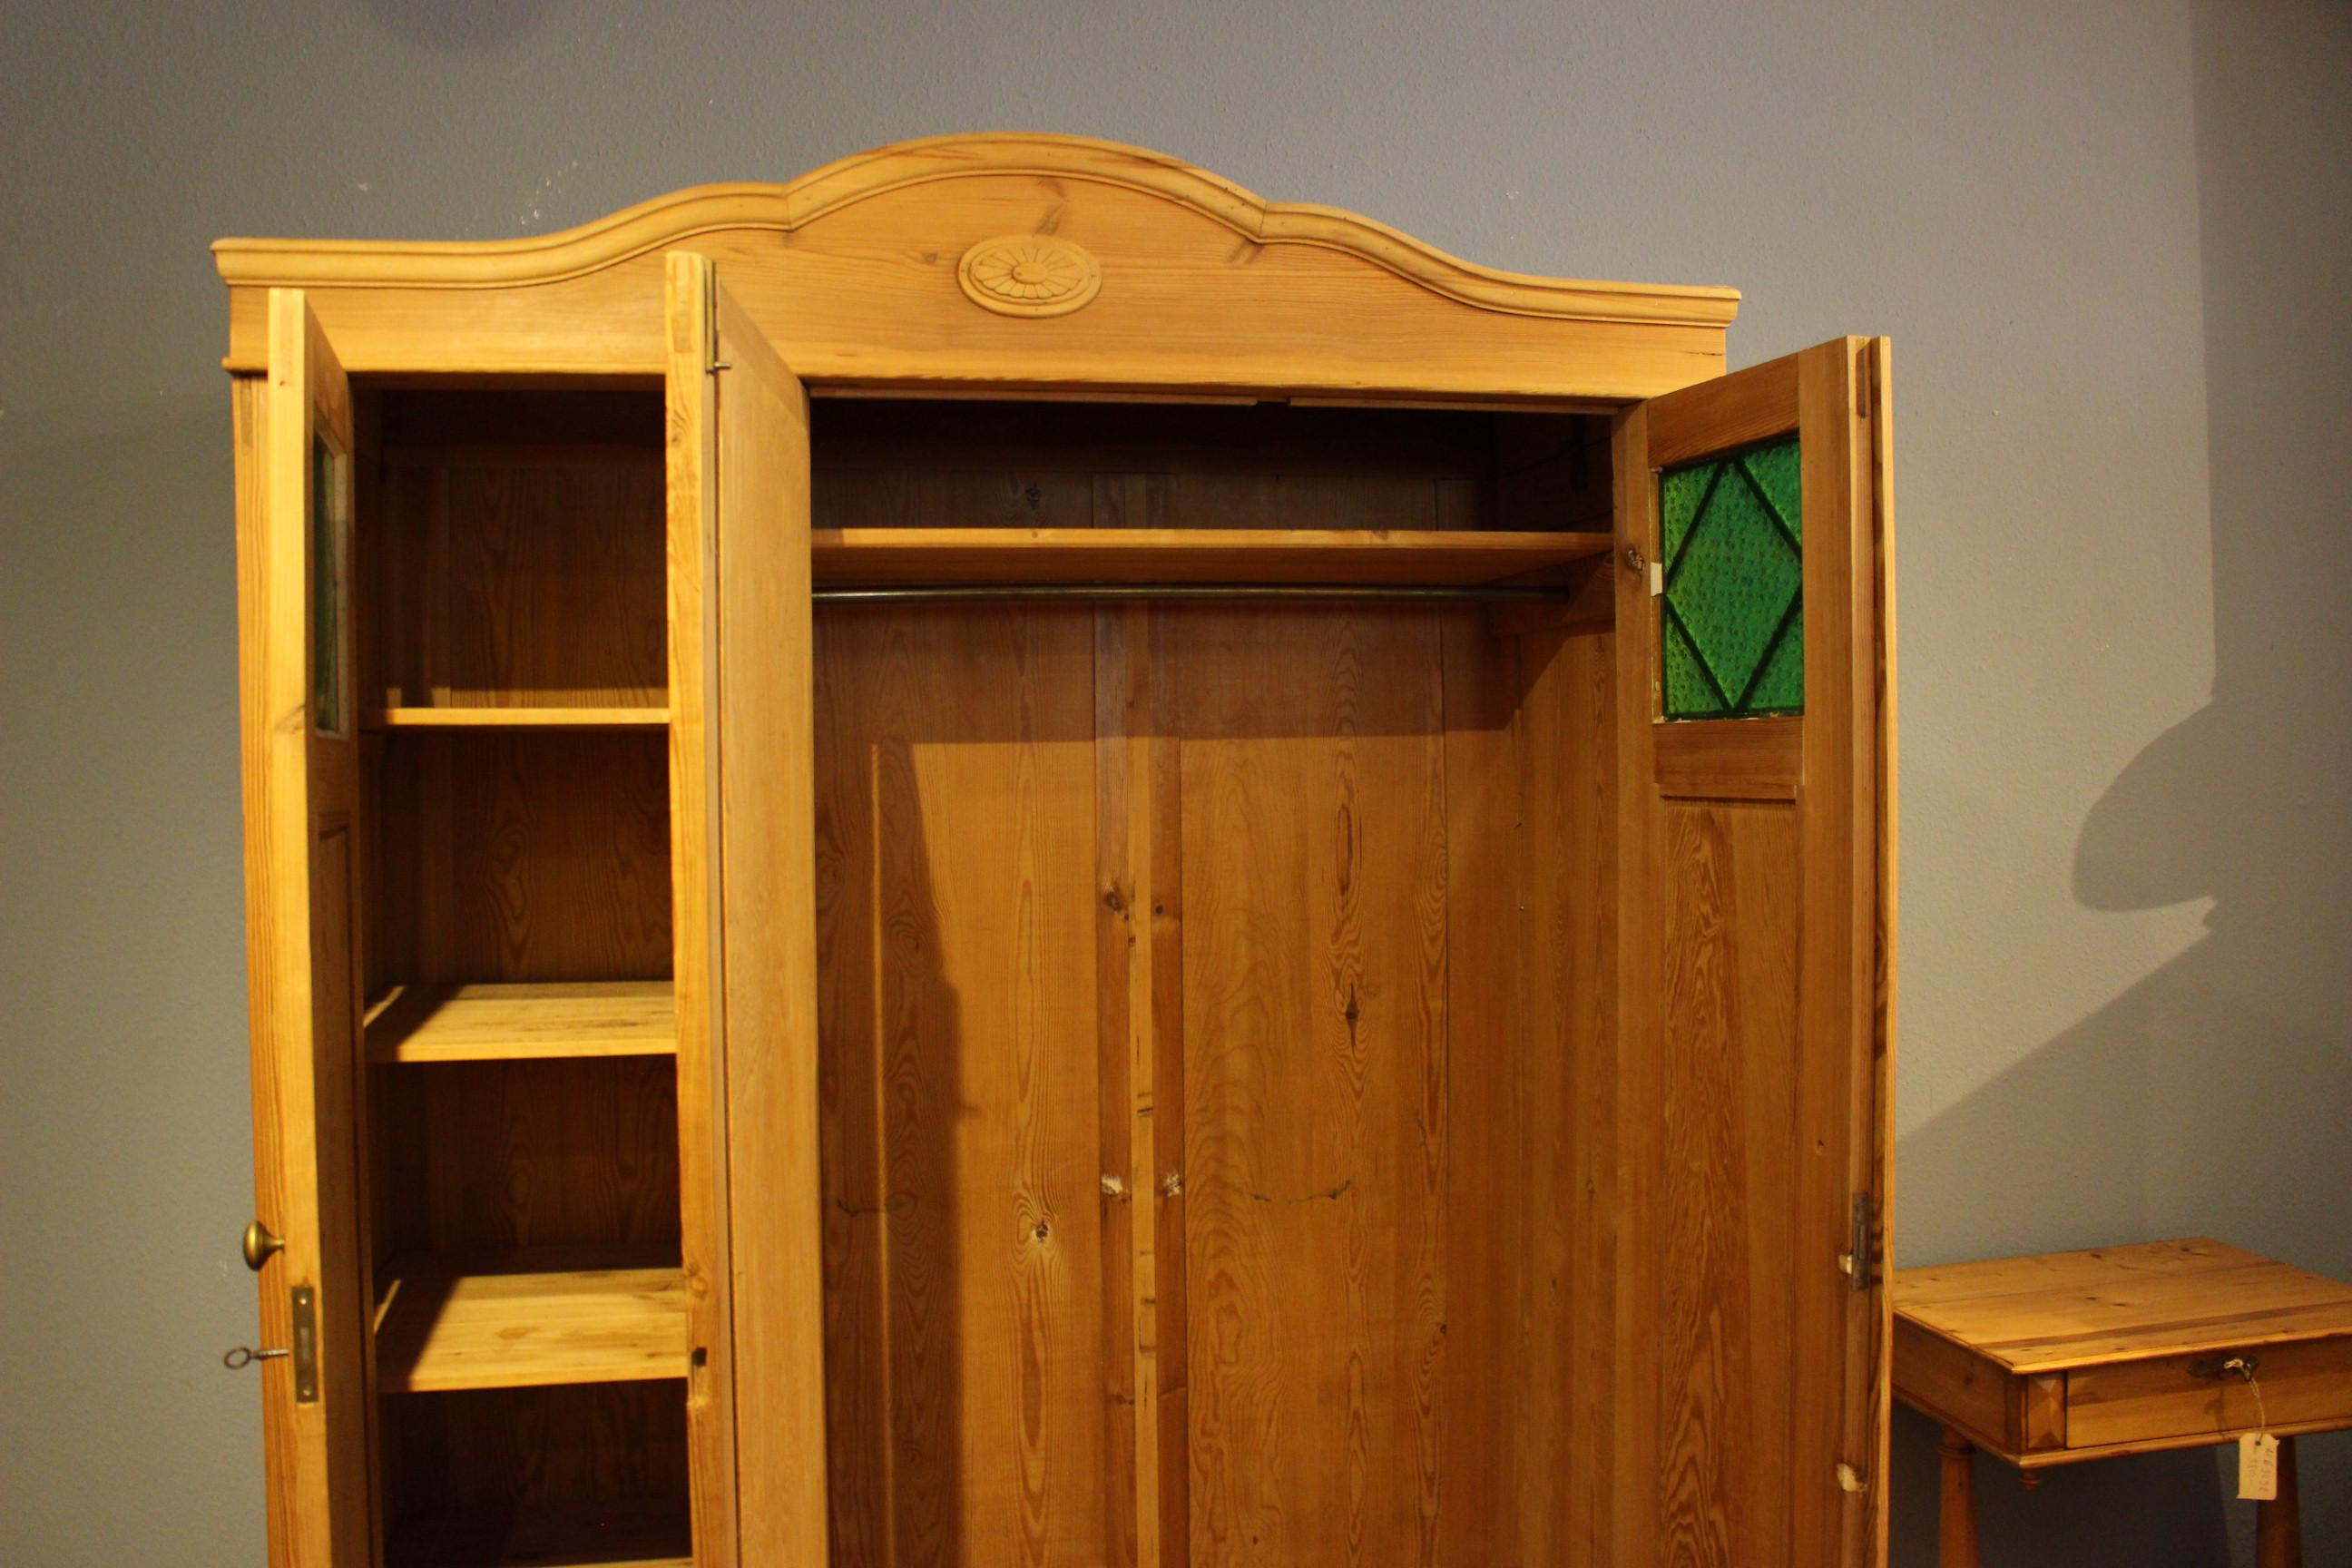 Kleiderschrank Kiefer dreitürig zerlegbar gewachst Jugendstil mit grünem Glas (Art.-Nr. 03625)